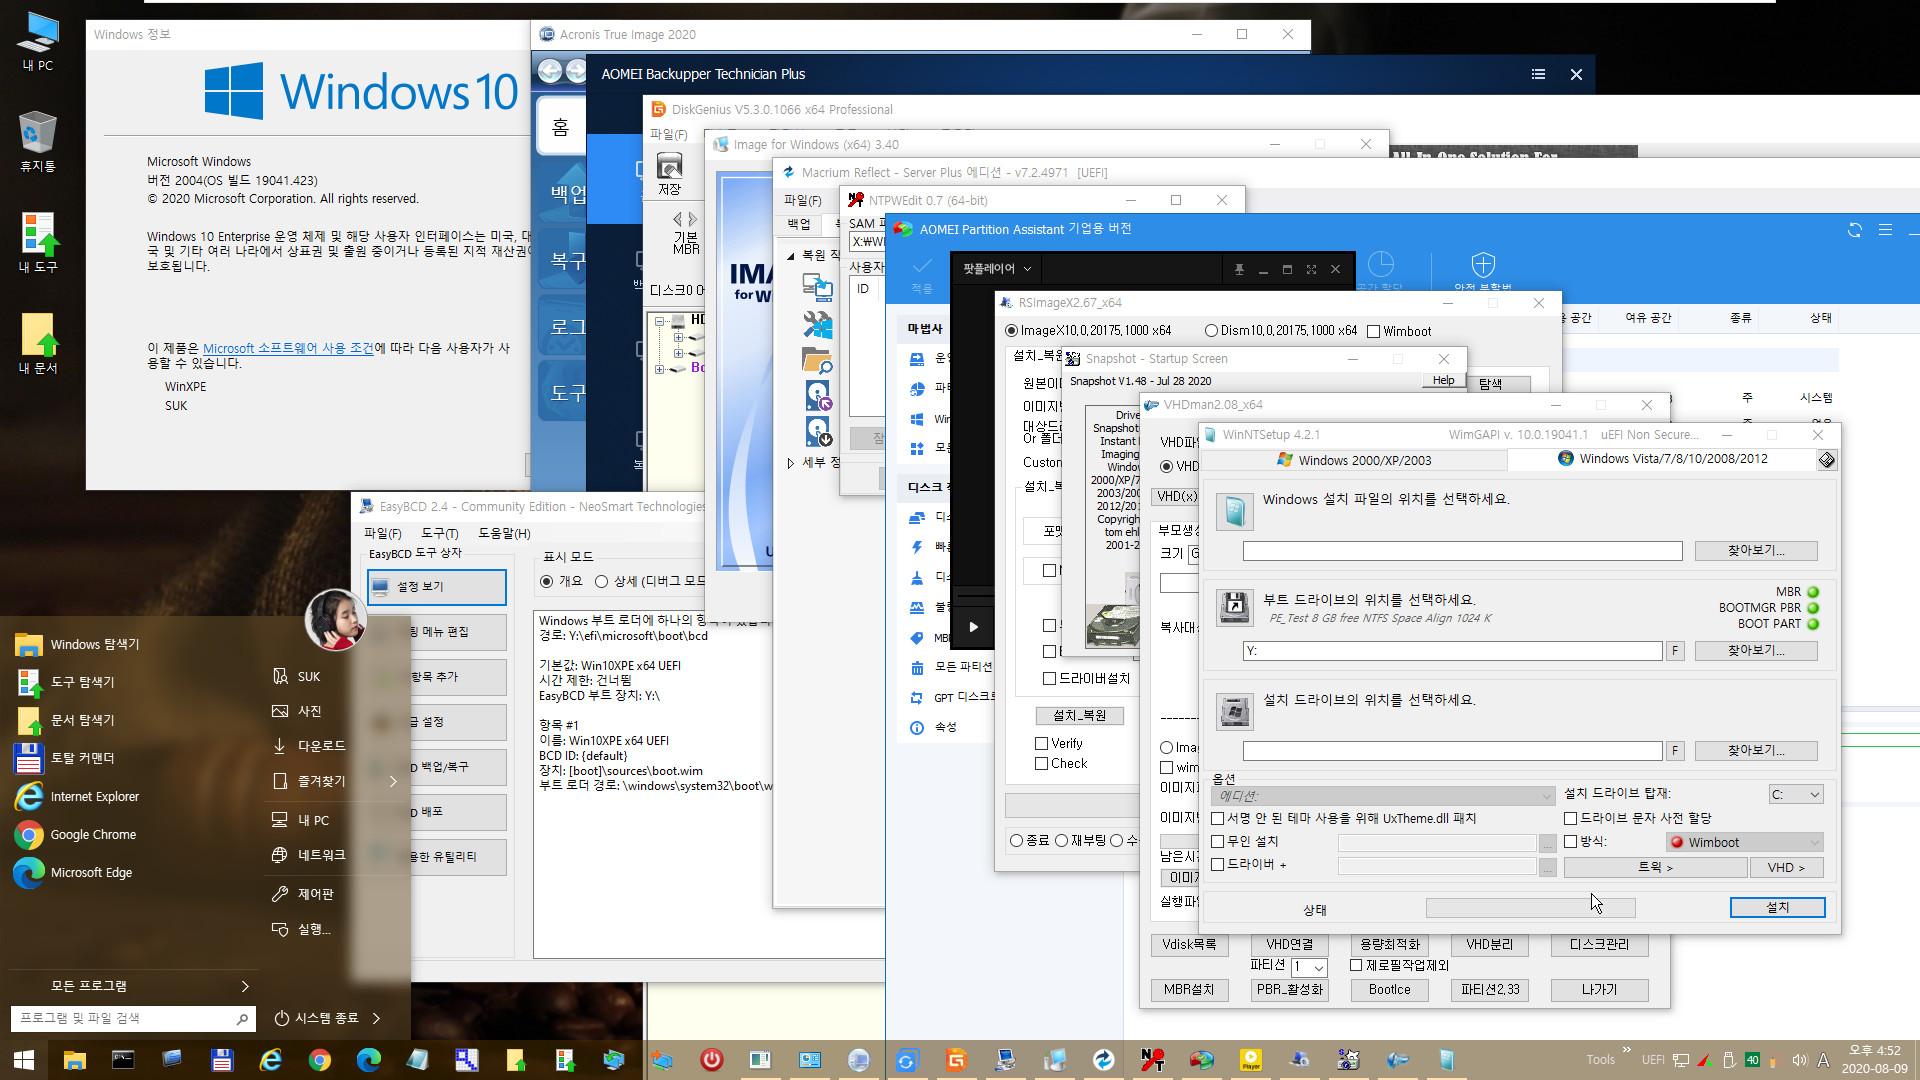 Win10XPE81으로 PE 만들기 테스트 - Windows 10 버전 2004,19041.423 iso 사용 - 프로그램들도 잘 실행됩니다 2020-08-09_165240.jpg